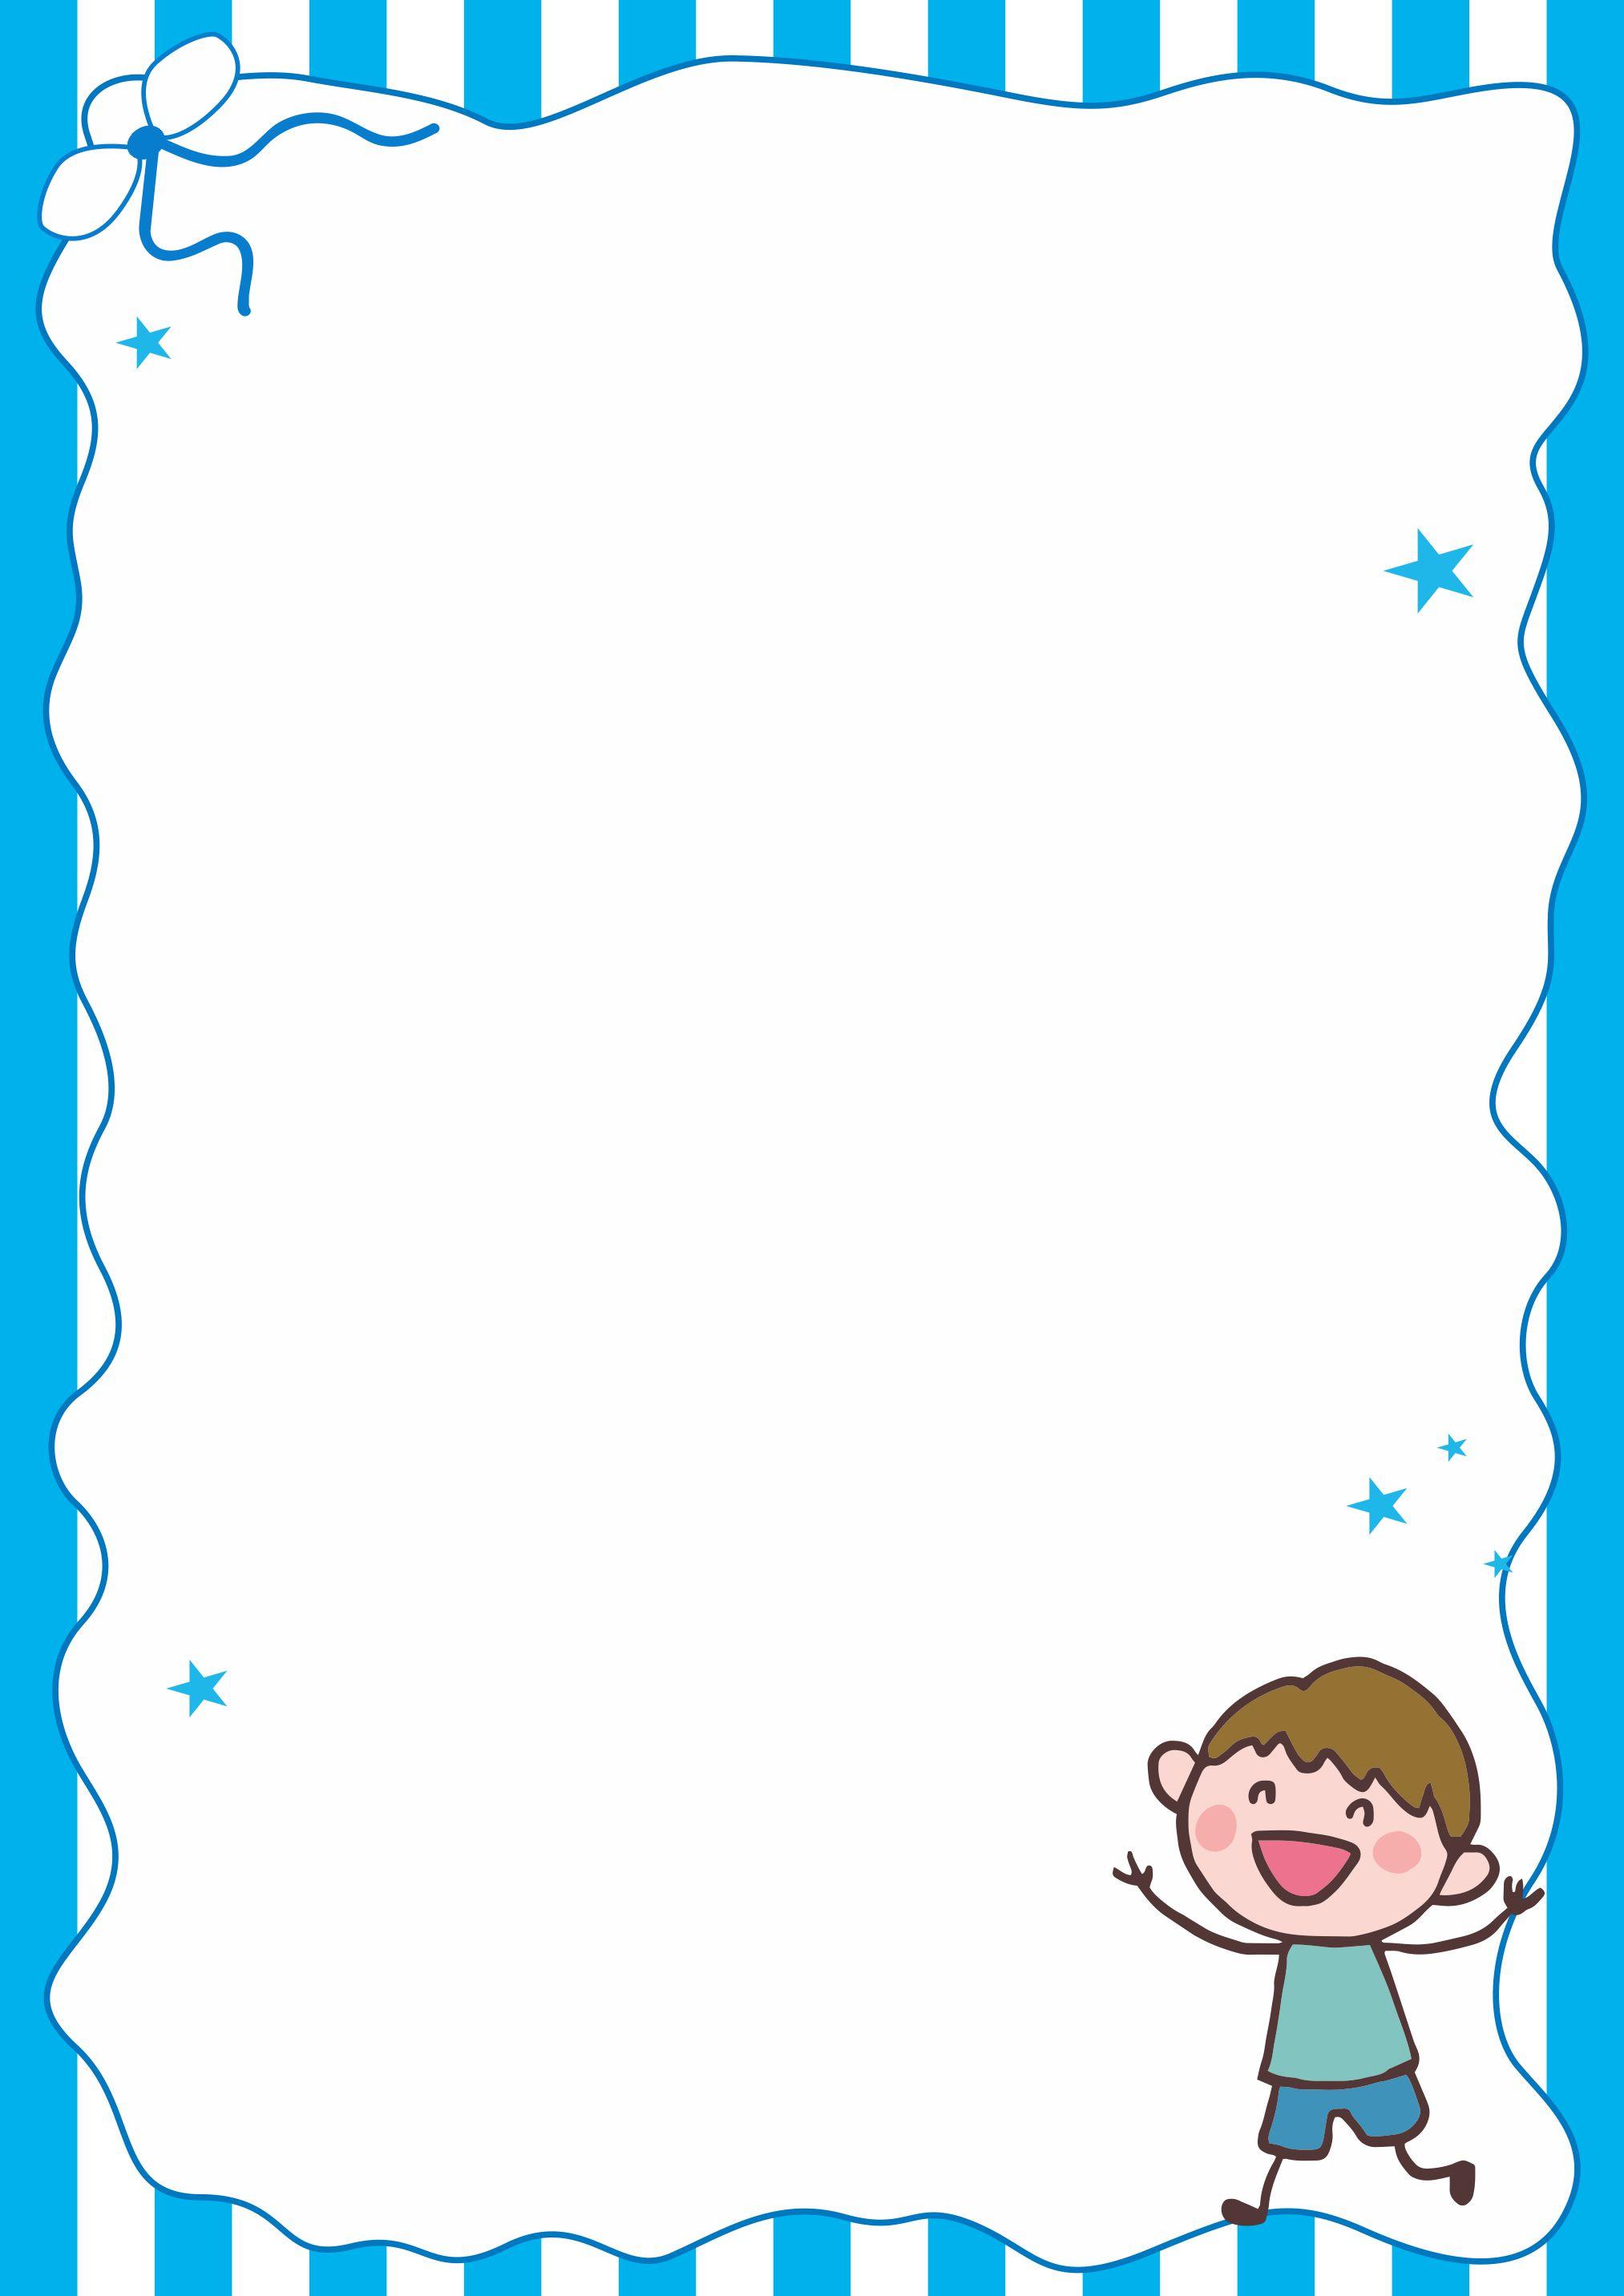 Caratulas para cuadernos de primaria 【PARA IMPRIMIR, FACILES